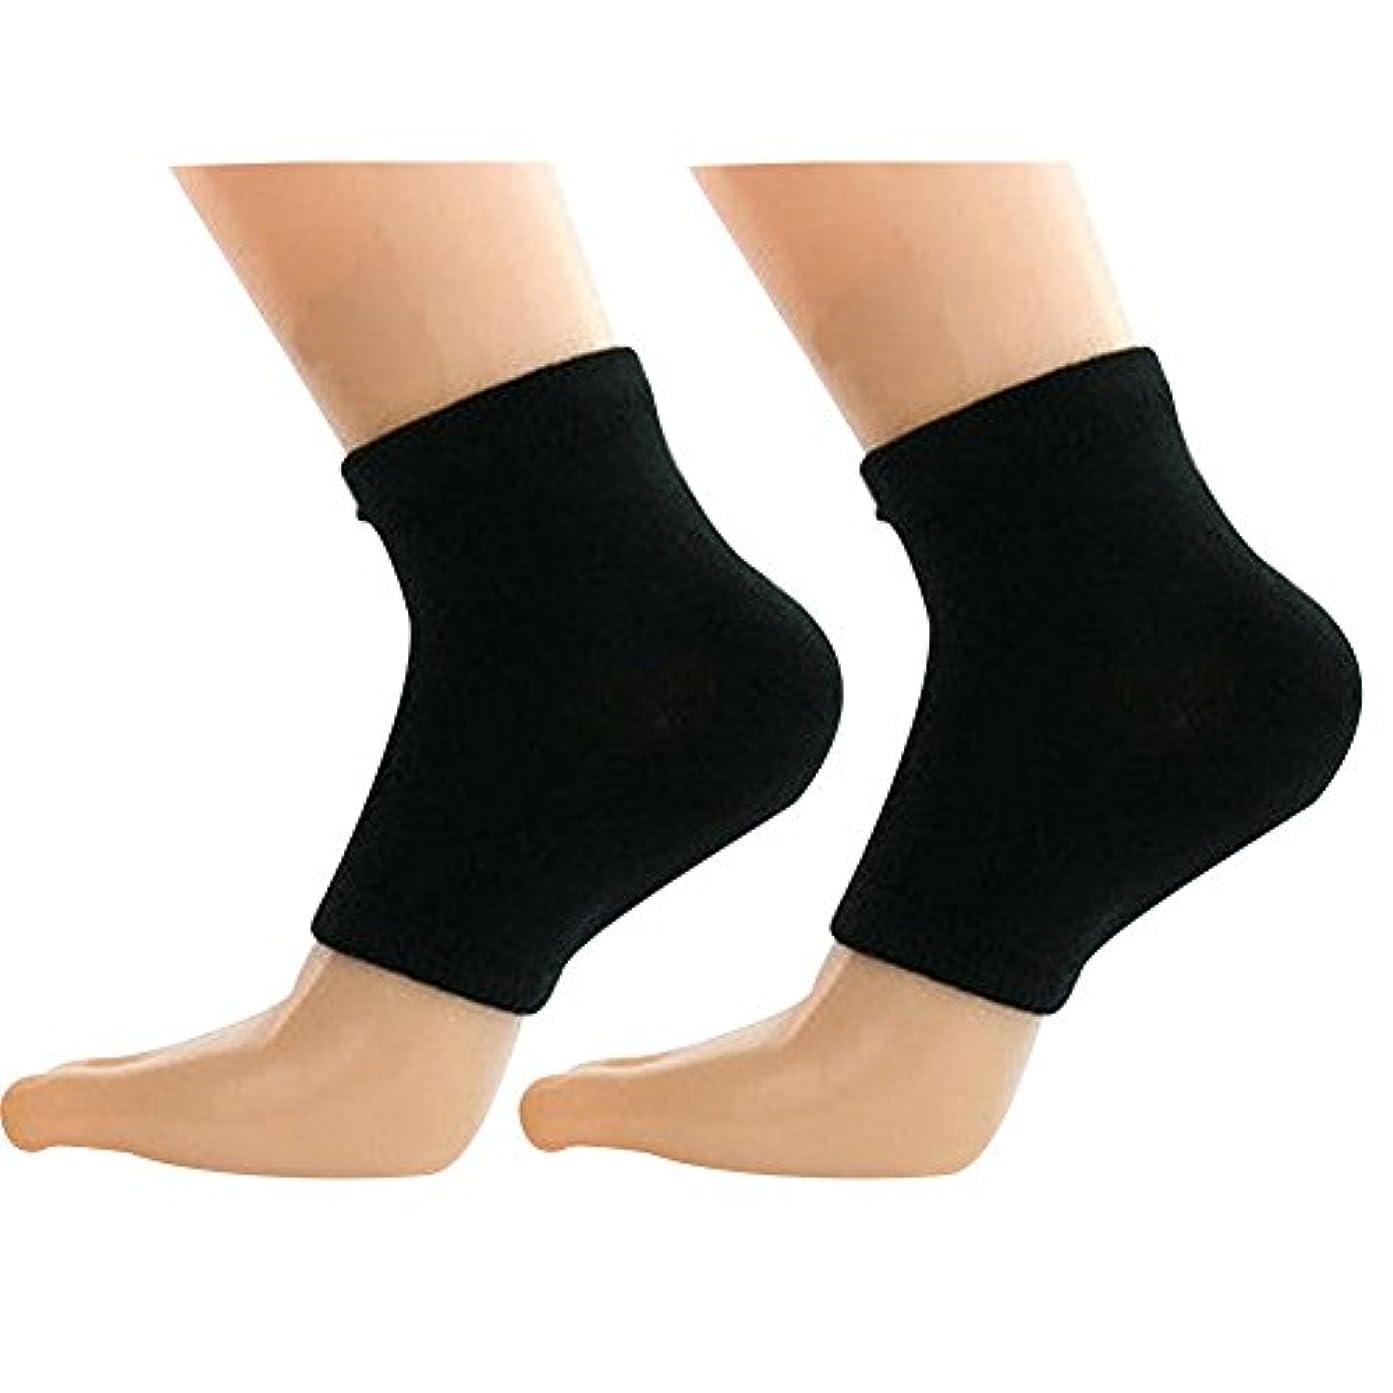 予測潮階下QIAONAI レディース用 メンズ用 踵用カバー かかと 靴下 かかと ケア つるつる すべすべ 靴下 ソックス 角質ケア 保湿 角質除去 足ケア かかと 靴下 足首用サポーター  フリーサイズ (ブラック)